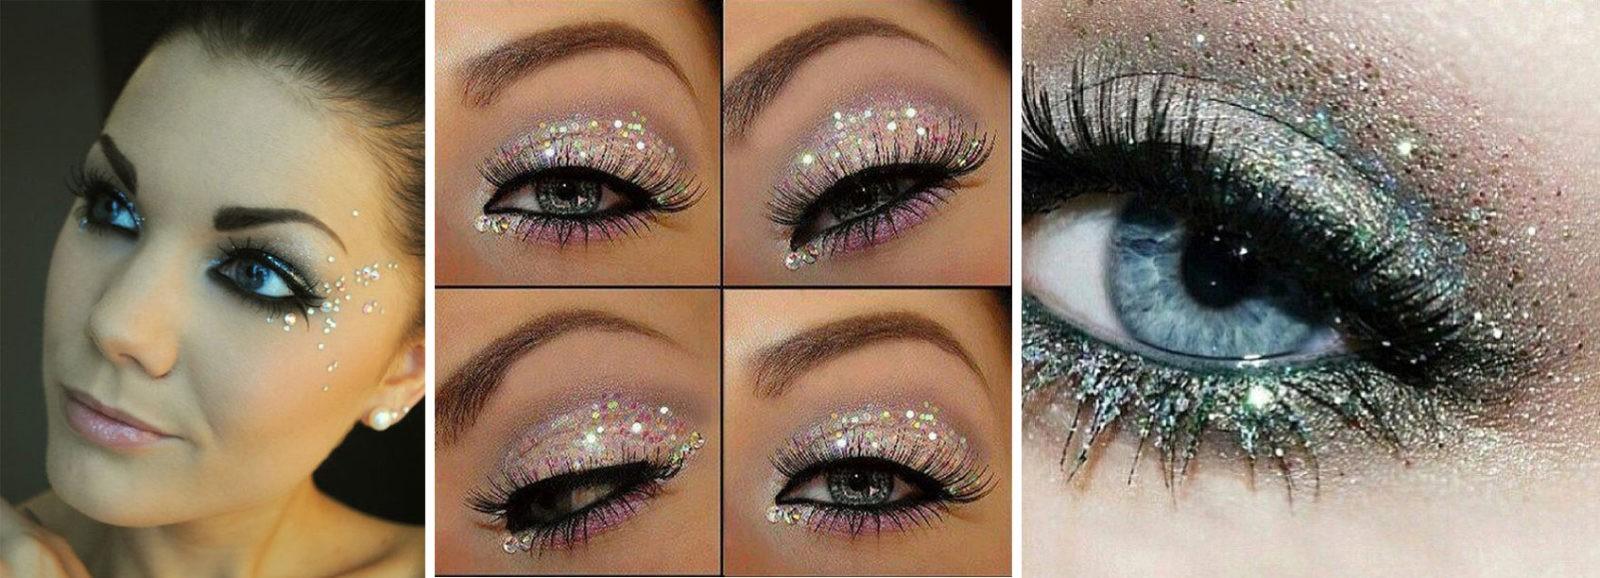 Новогодний макияж глаз с блестками и стразами